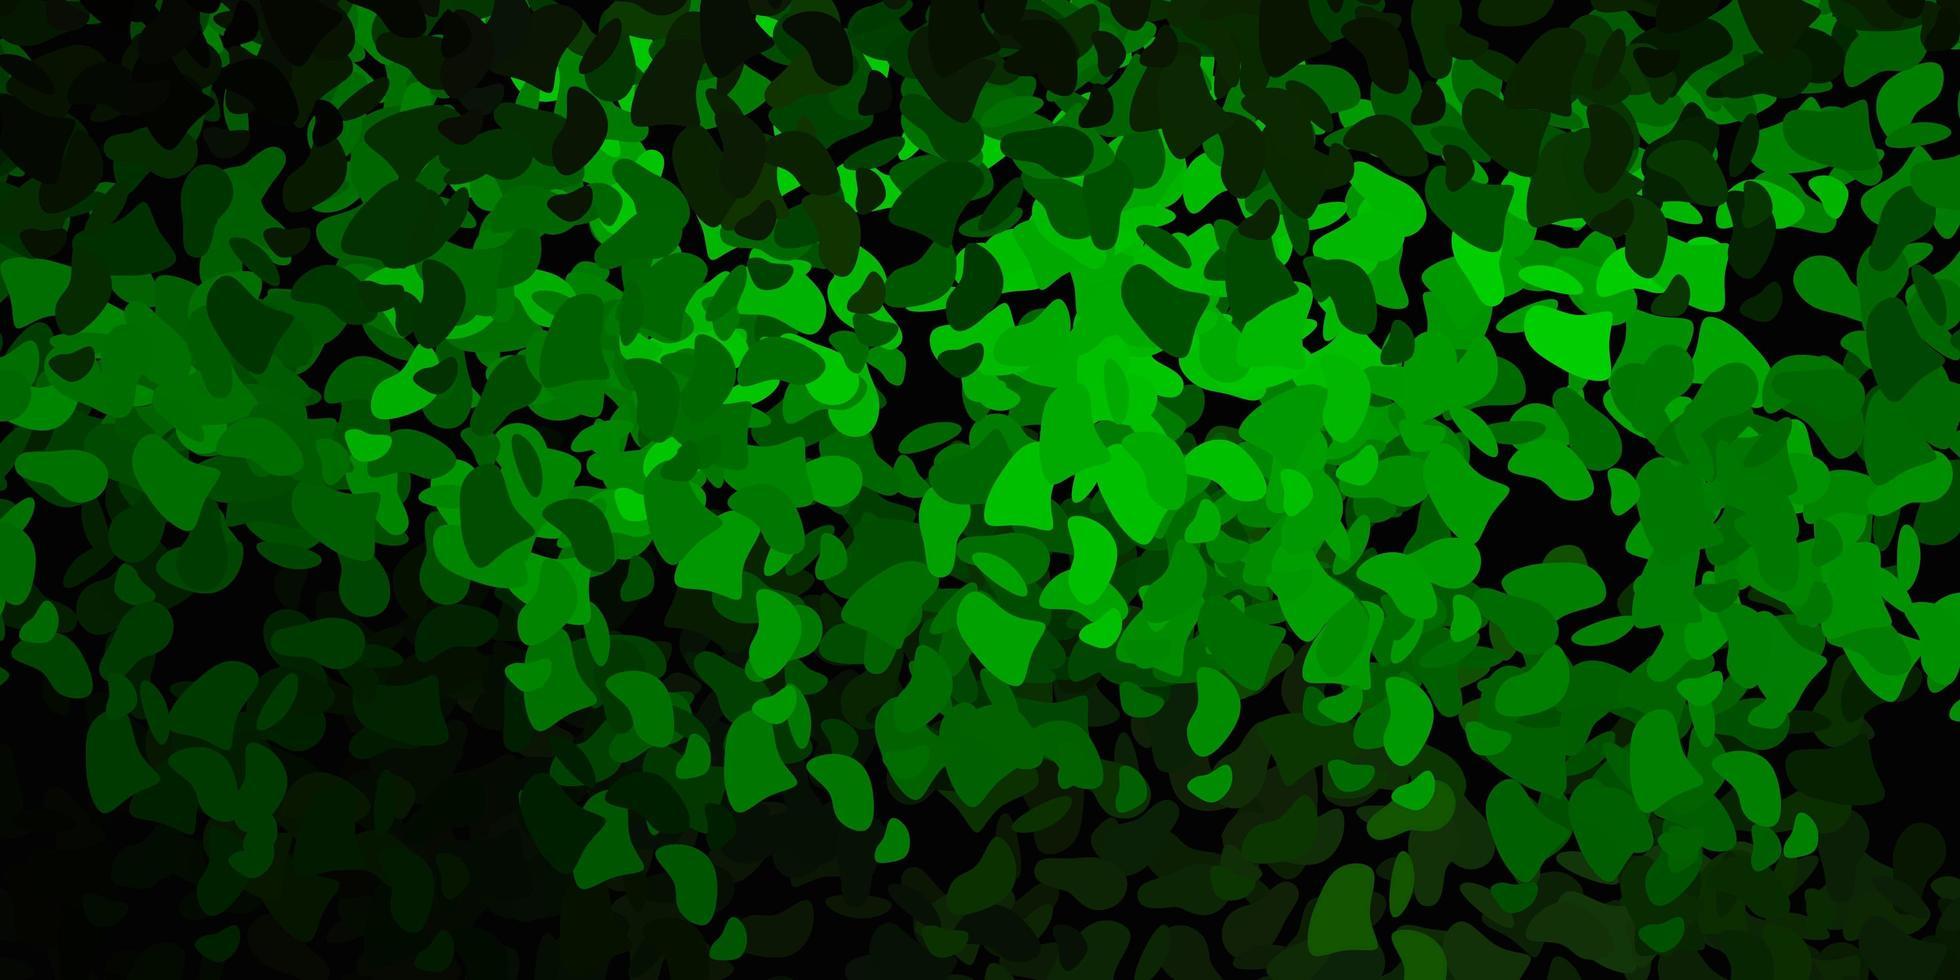 toile de fond de vecteur vert foncé avec des formes chaotiques.